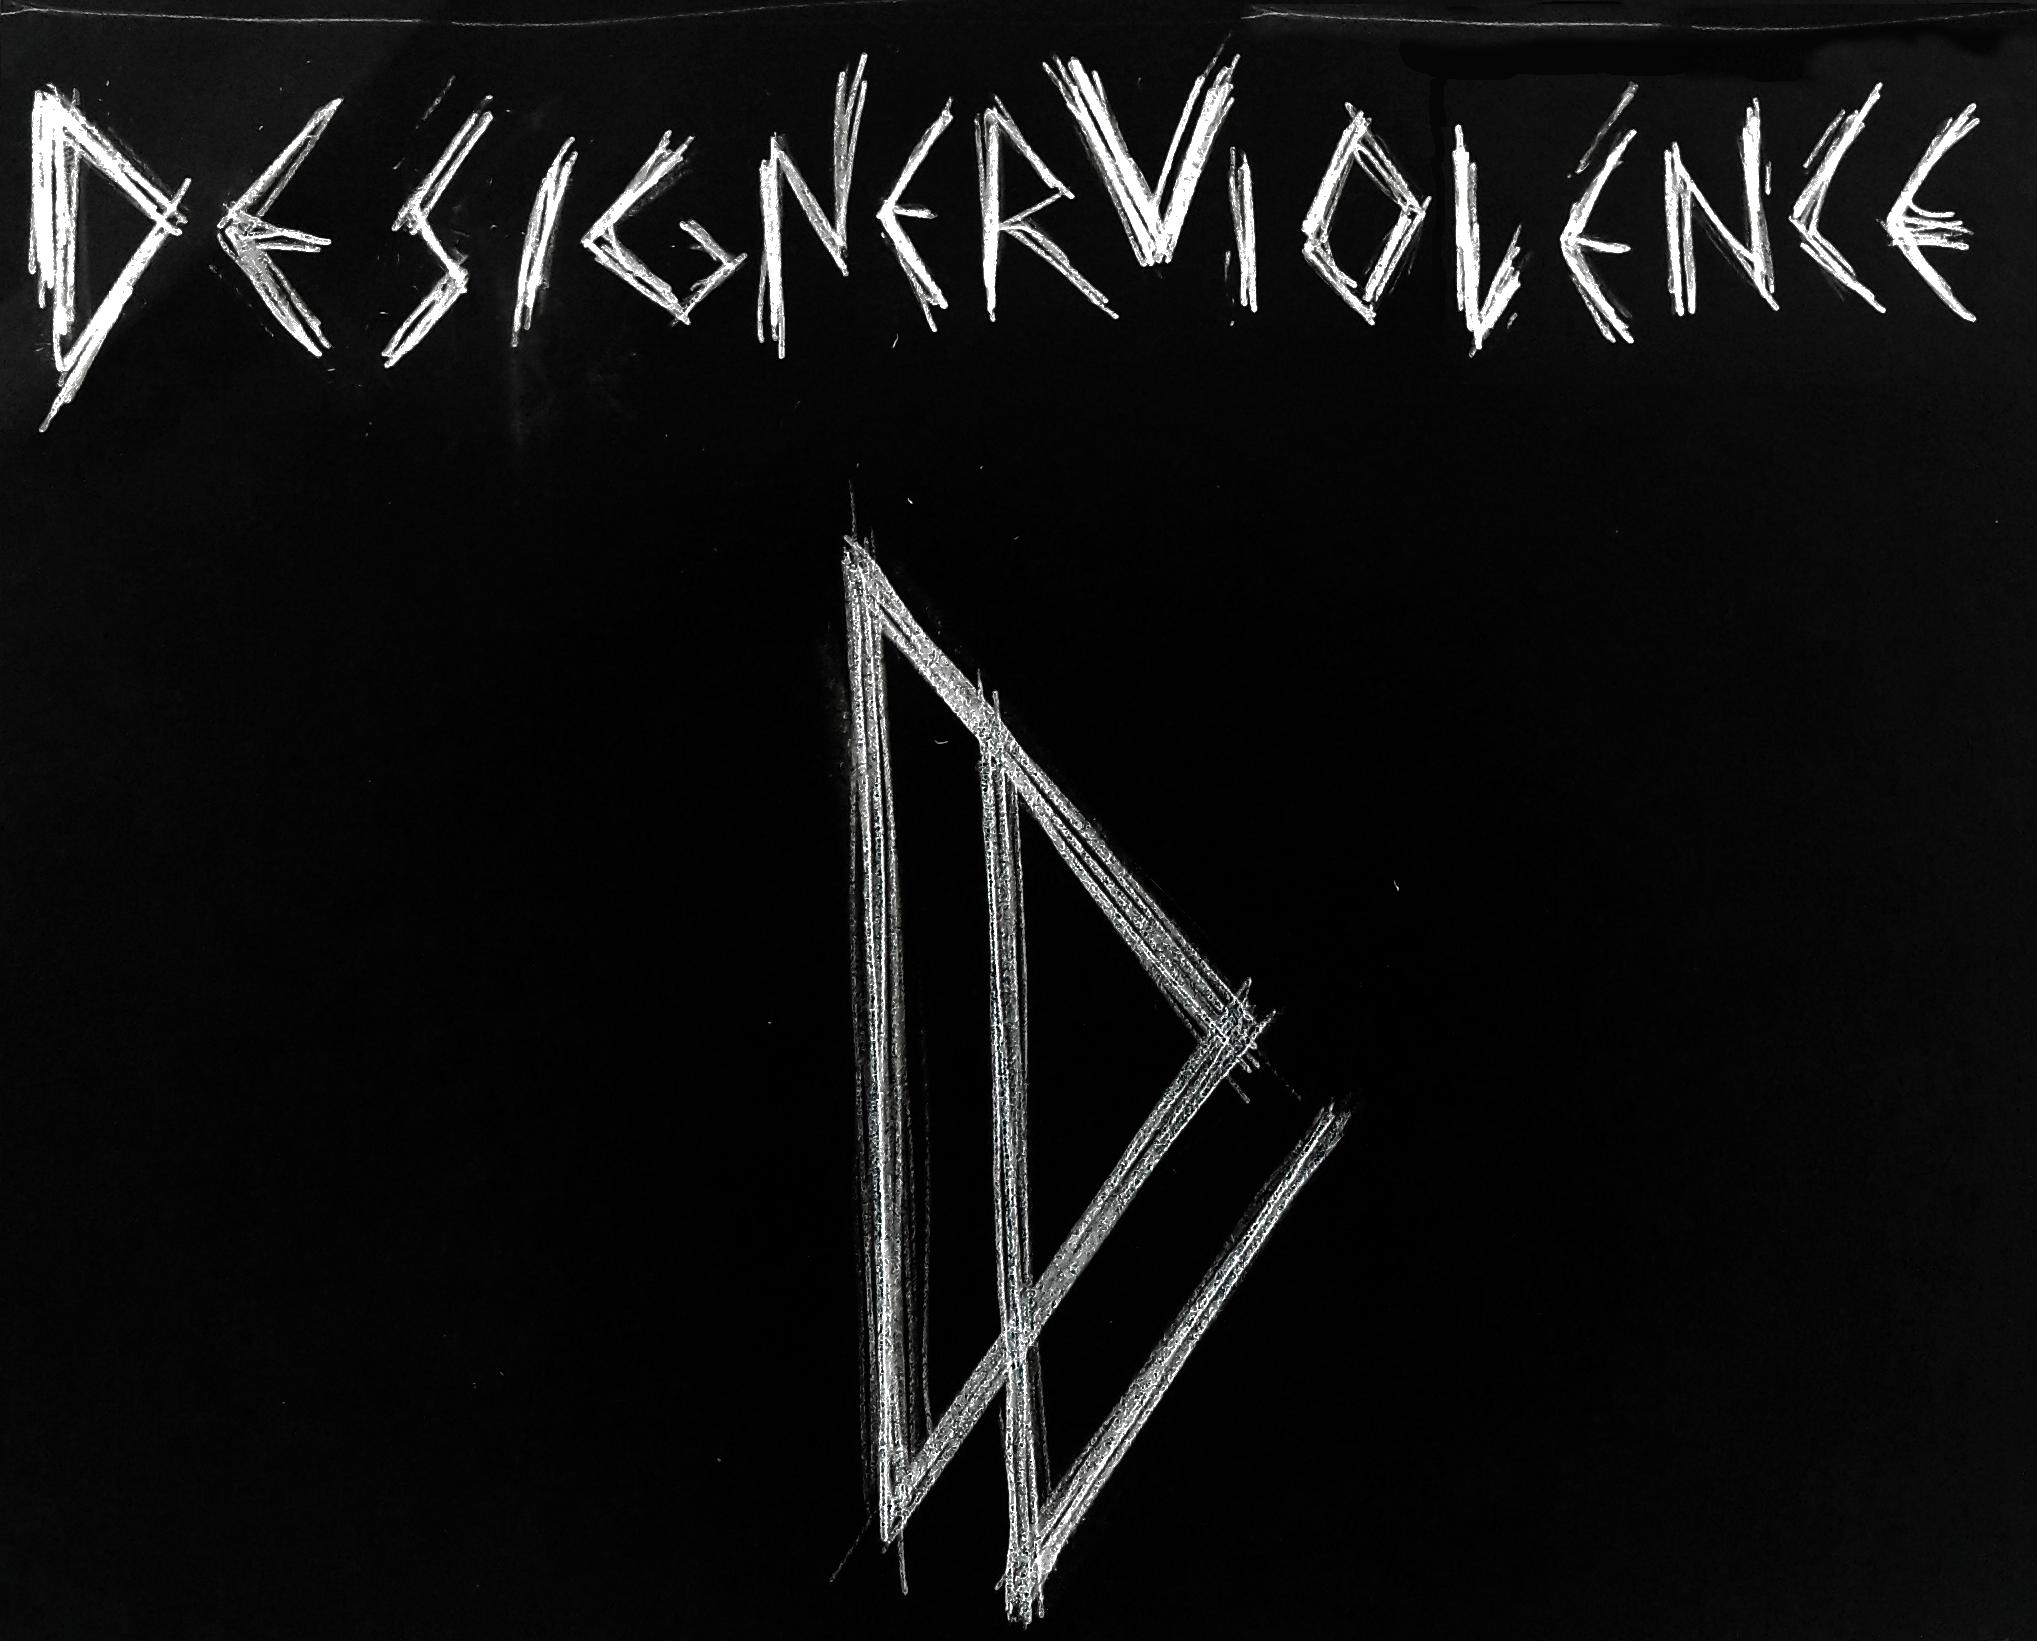 Designer Violence